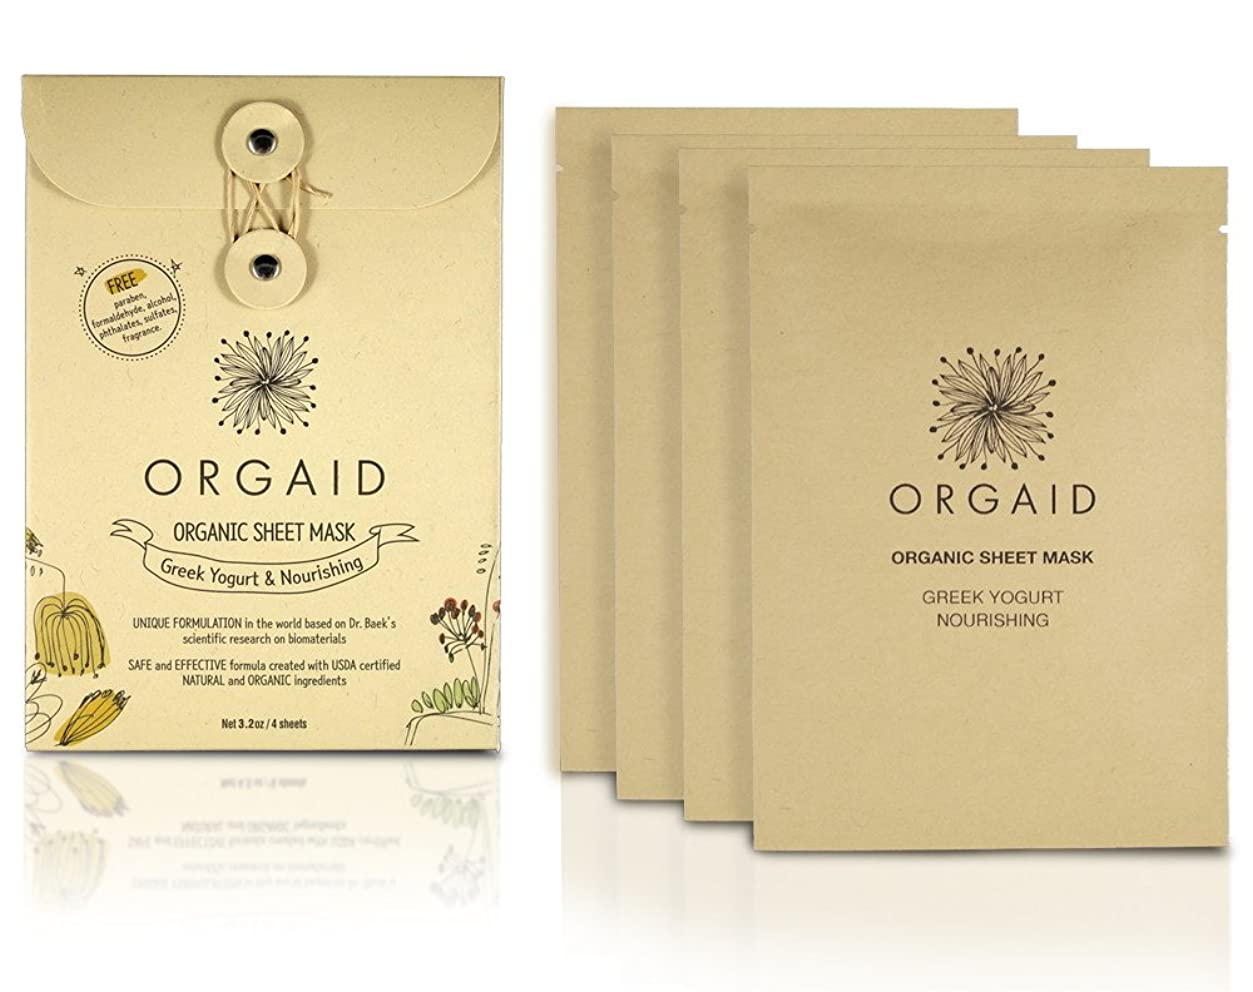 プランテーションクラフト経過ORGAID(オーガエイド) エッセンスリフトマスク 4枚入り